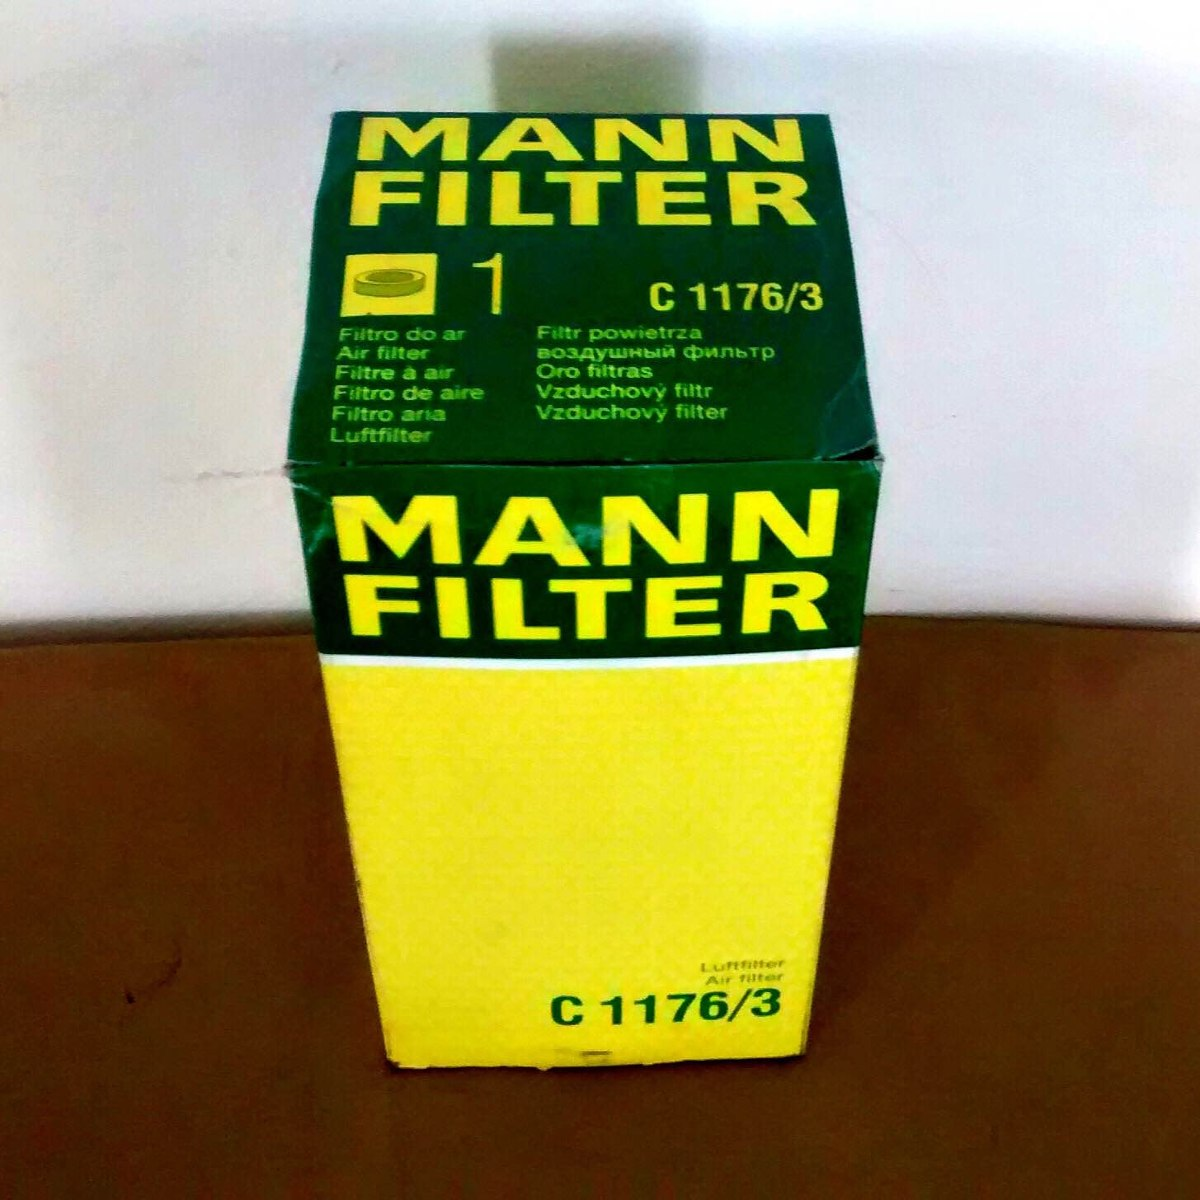 Mann Filter C11763 filtro de aire